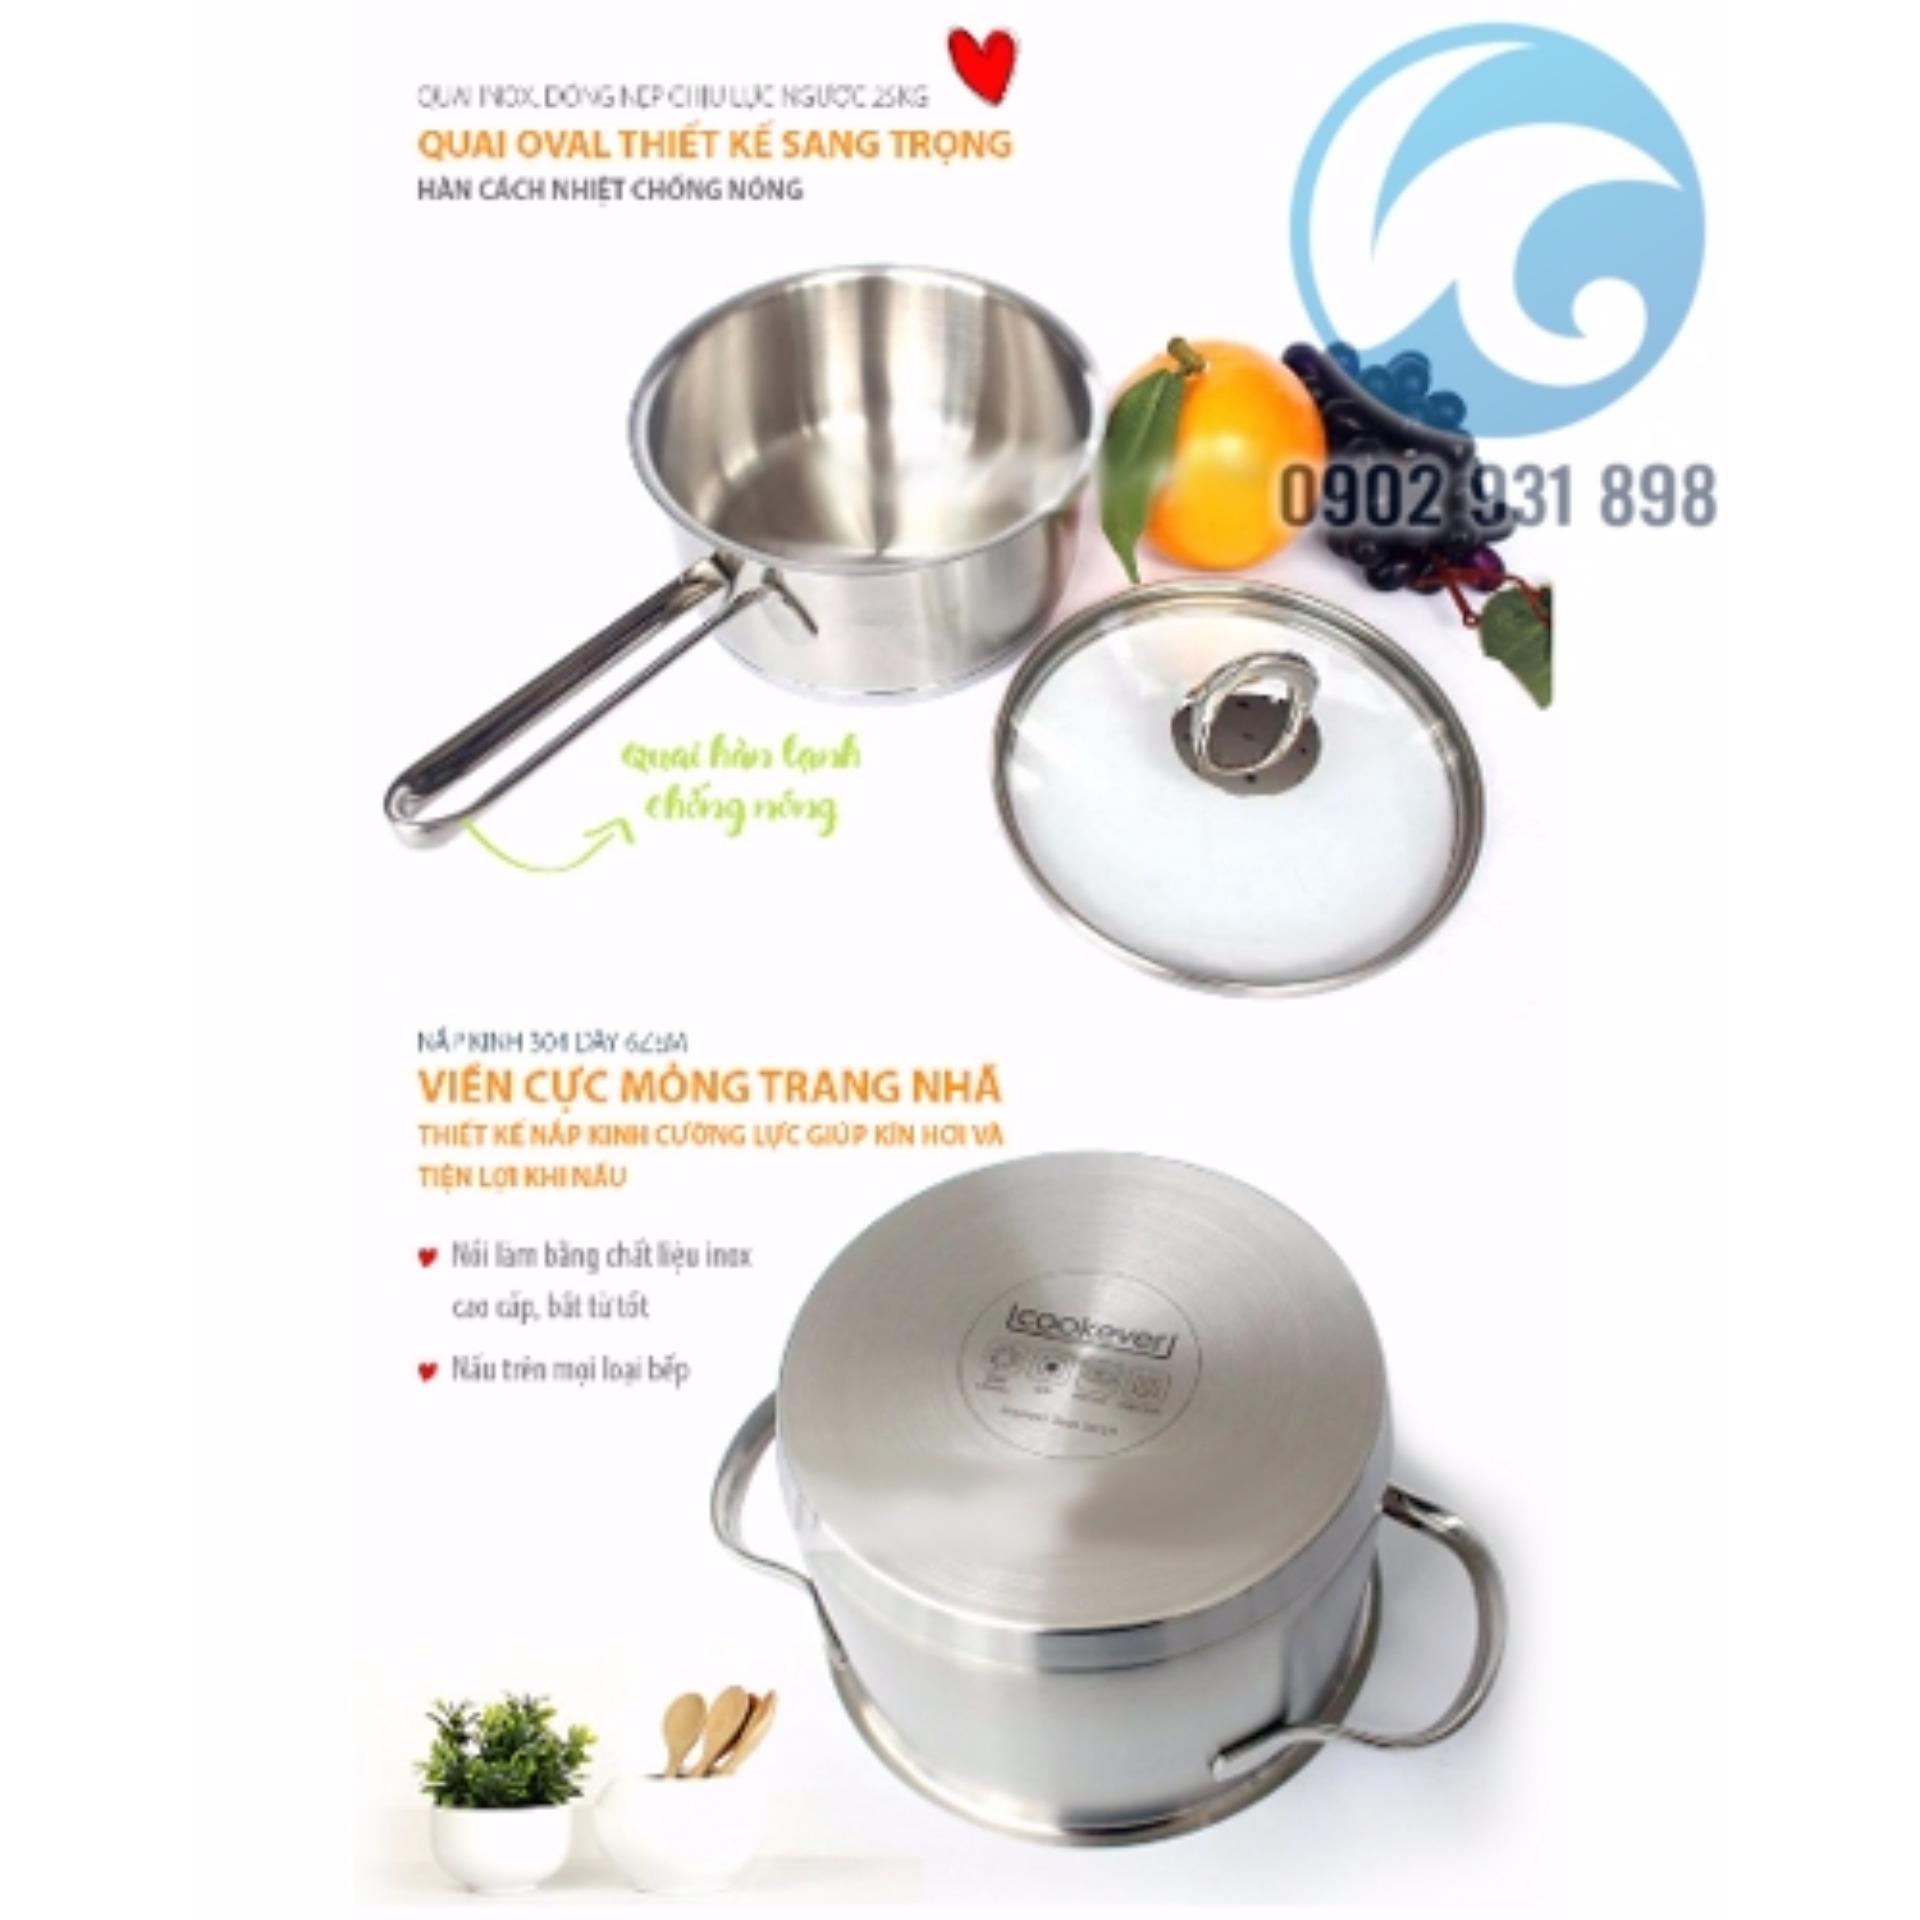 Bộ Nồi Inox Cookever 5 món